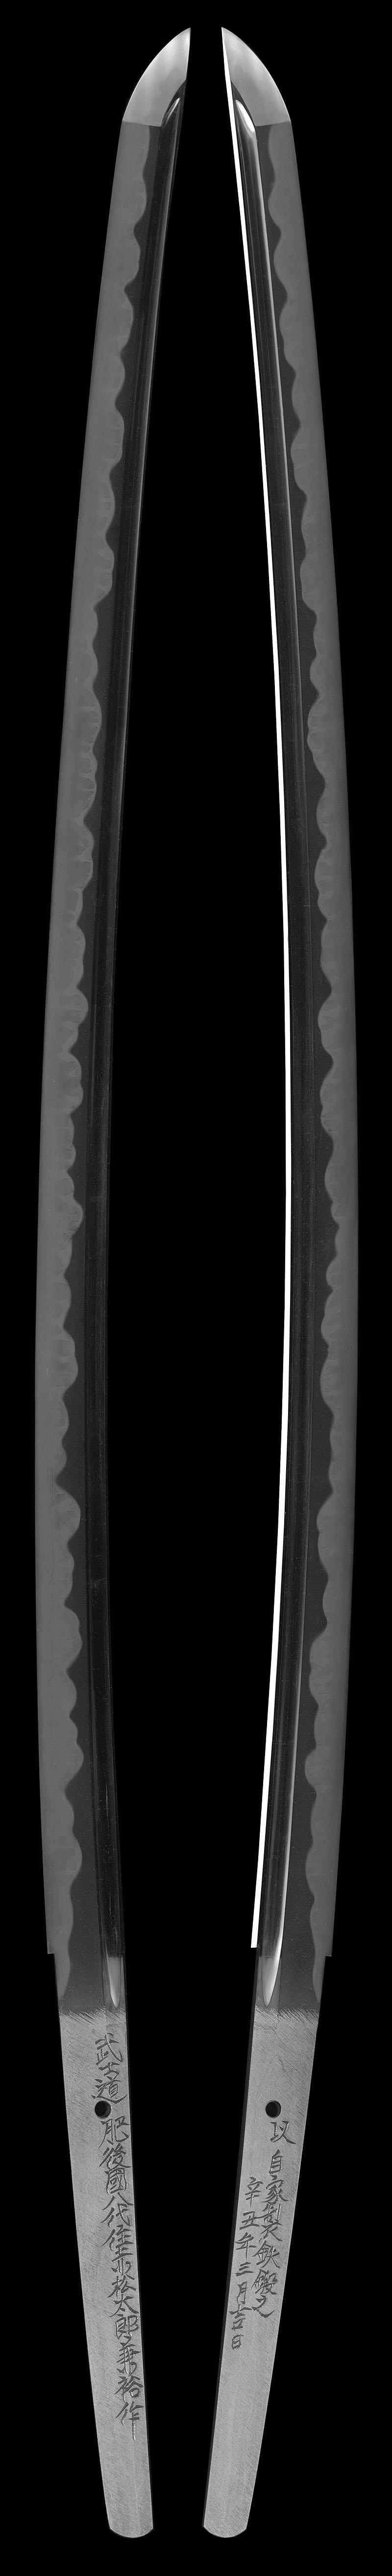 刀 武士道 肥後國八代住赤松太郎兼裕作 (木村 馨)(新作刀)  以自家製鉄鍛之 辛丑年三月吉日Picture of whole